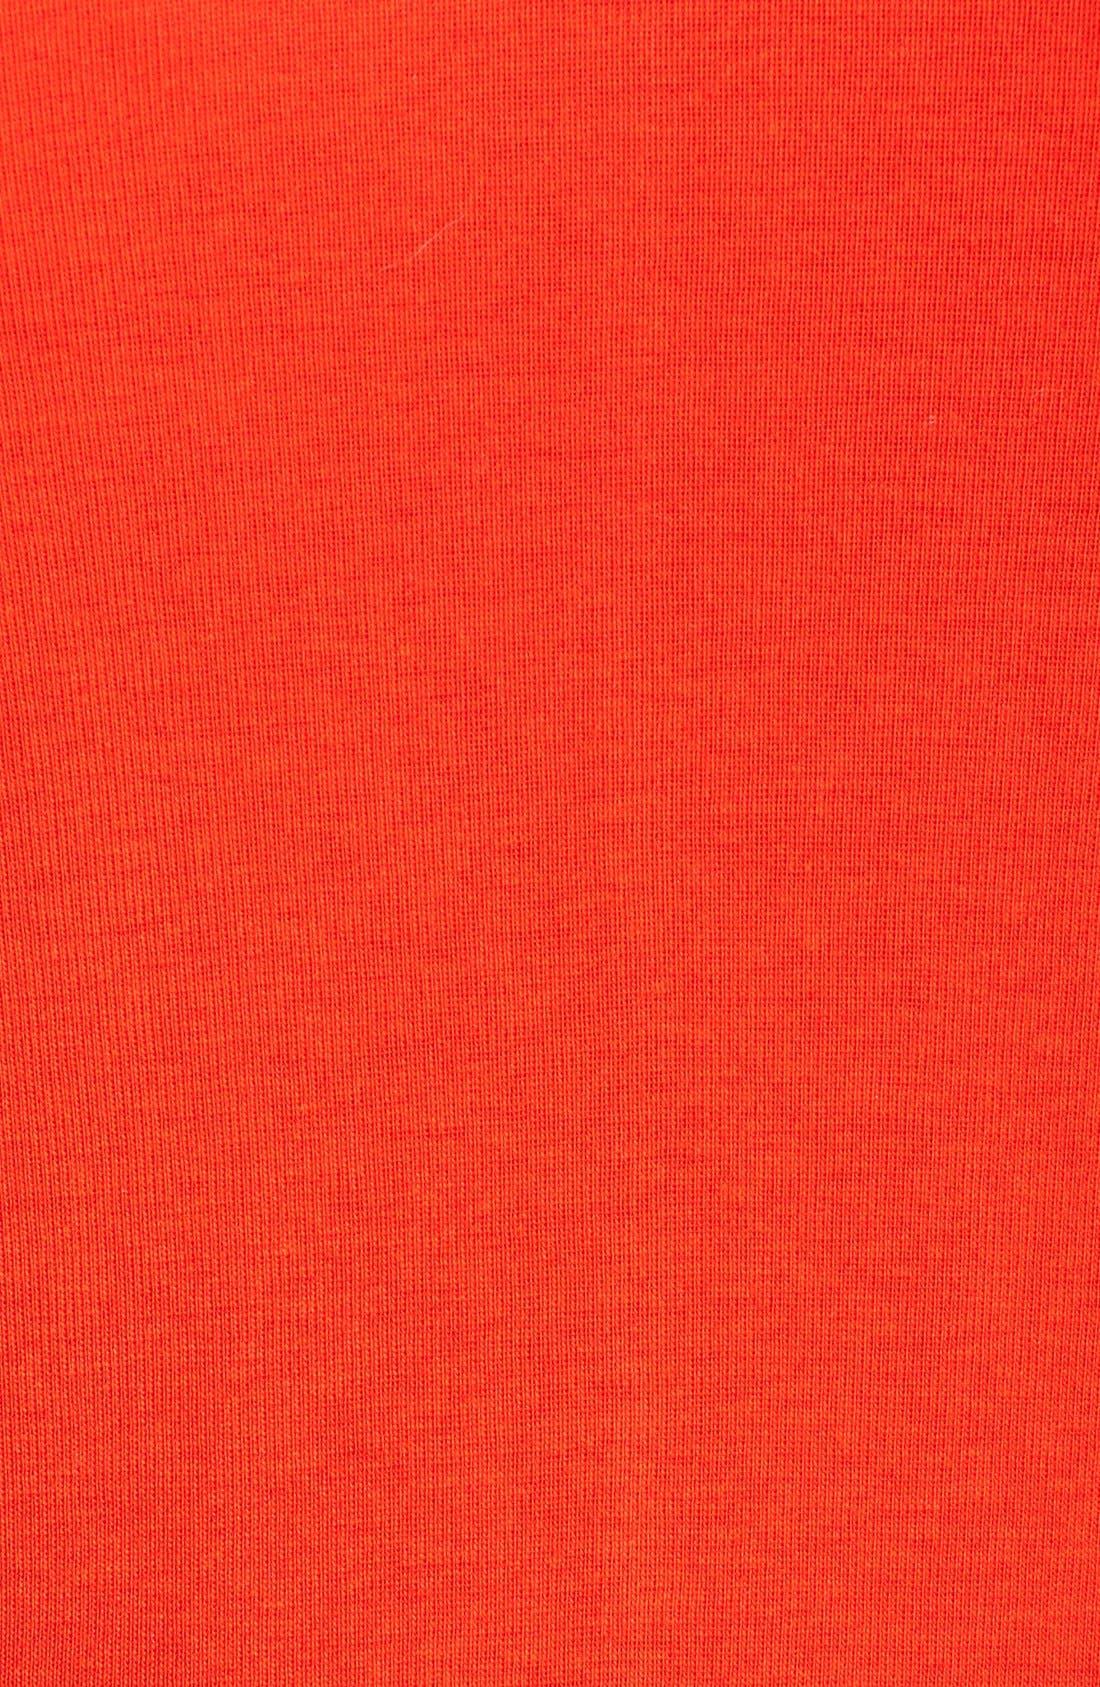 Short Sleeve V-Neck Tee,                             Alternate thumbnail 164, color,